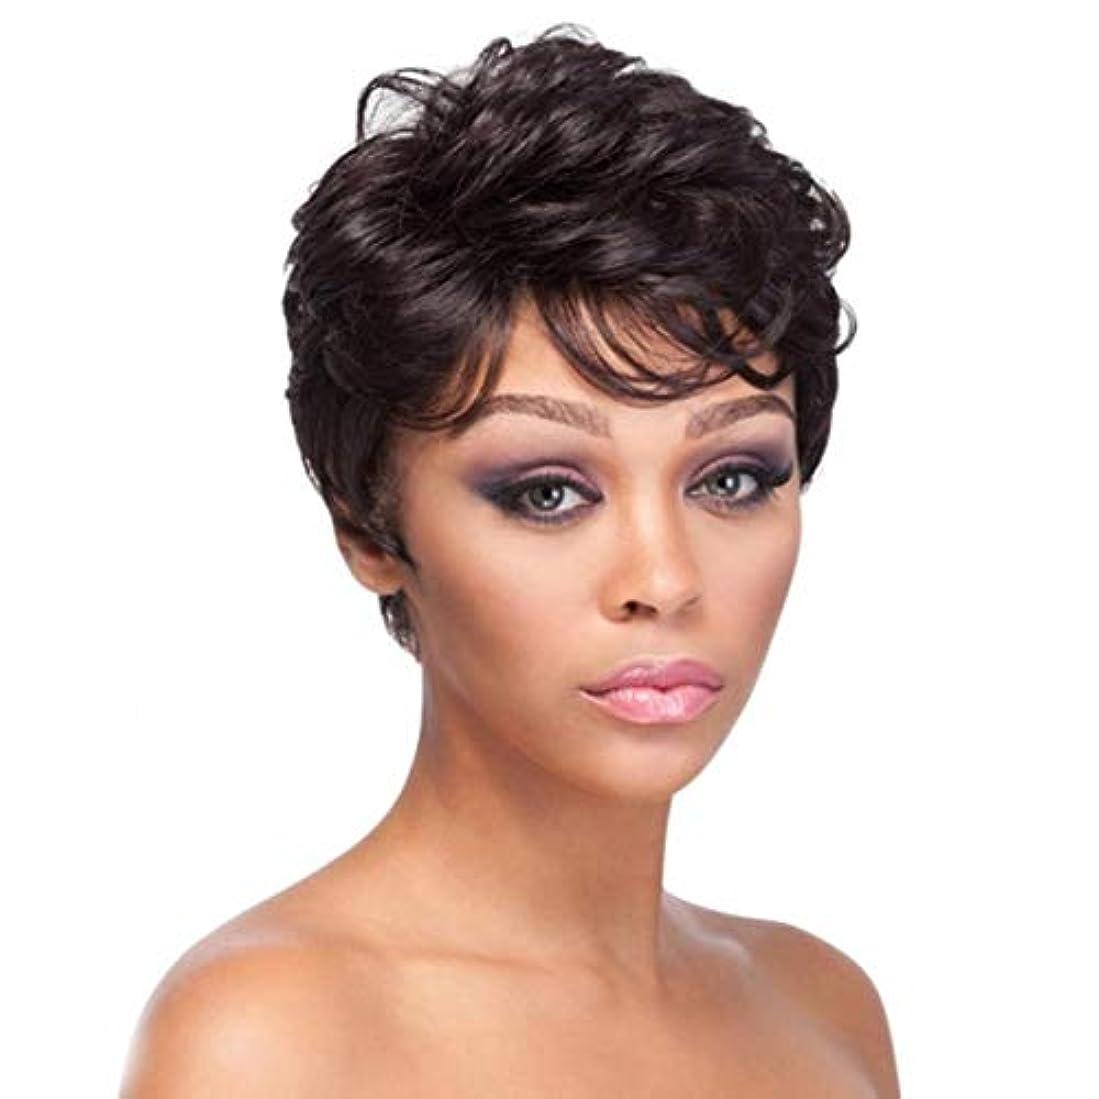 言い換えると温室イヤホンKerwinner 女性のための短い巻き毛のかつら前髪合成繊維のかつらでかつらかつら